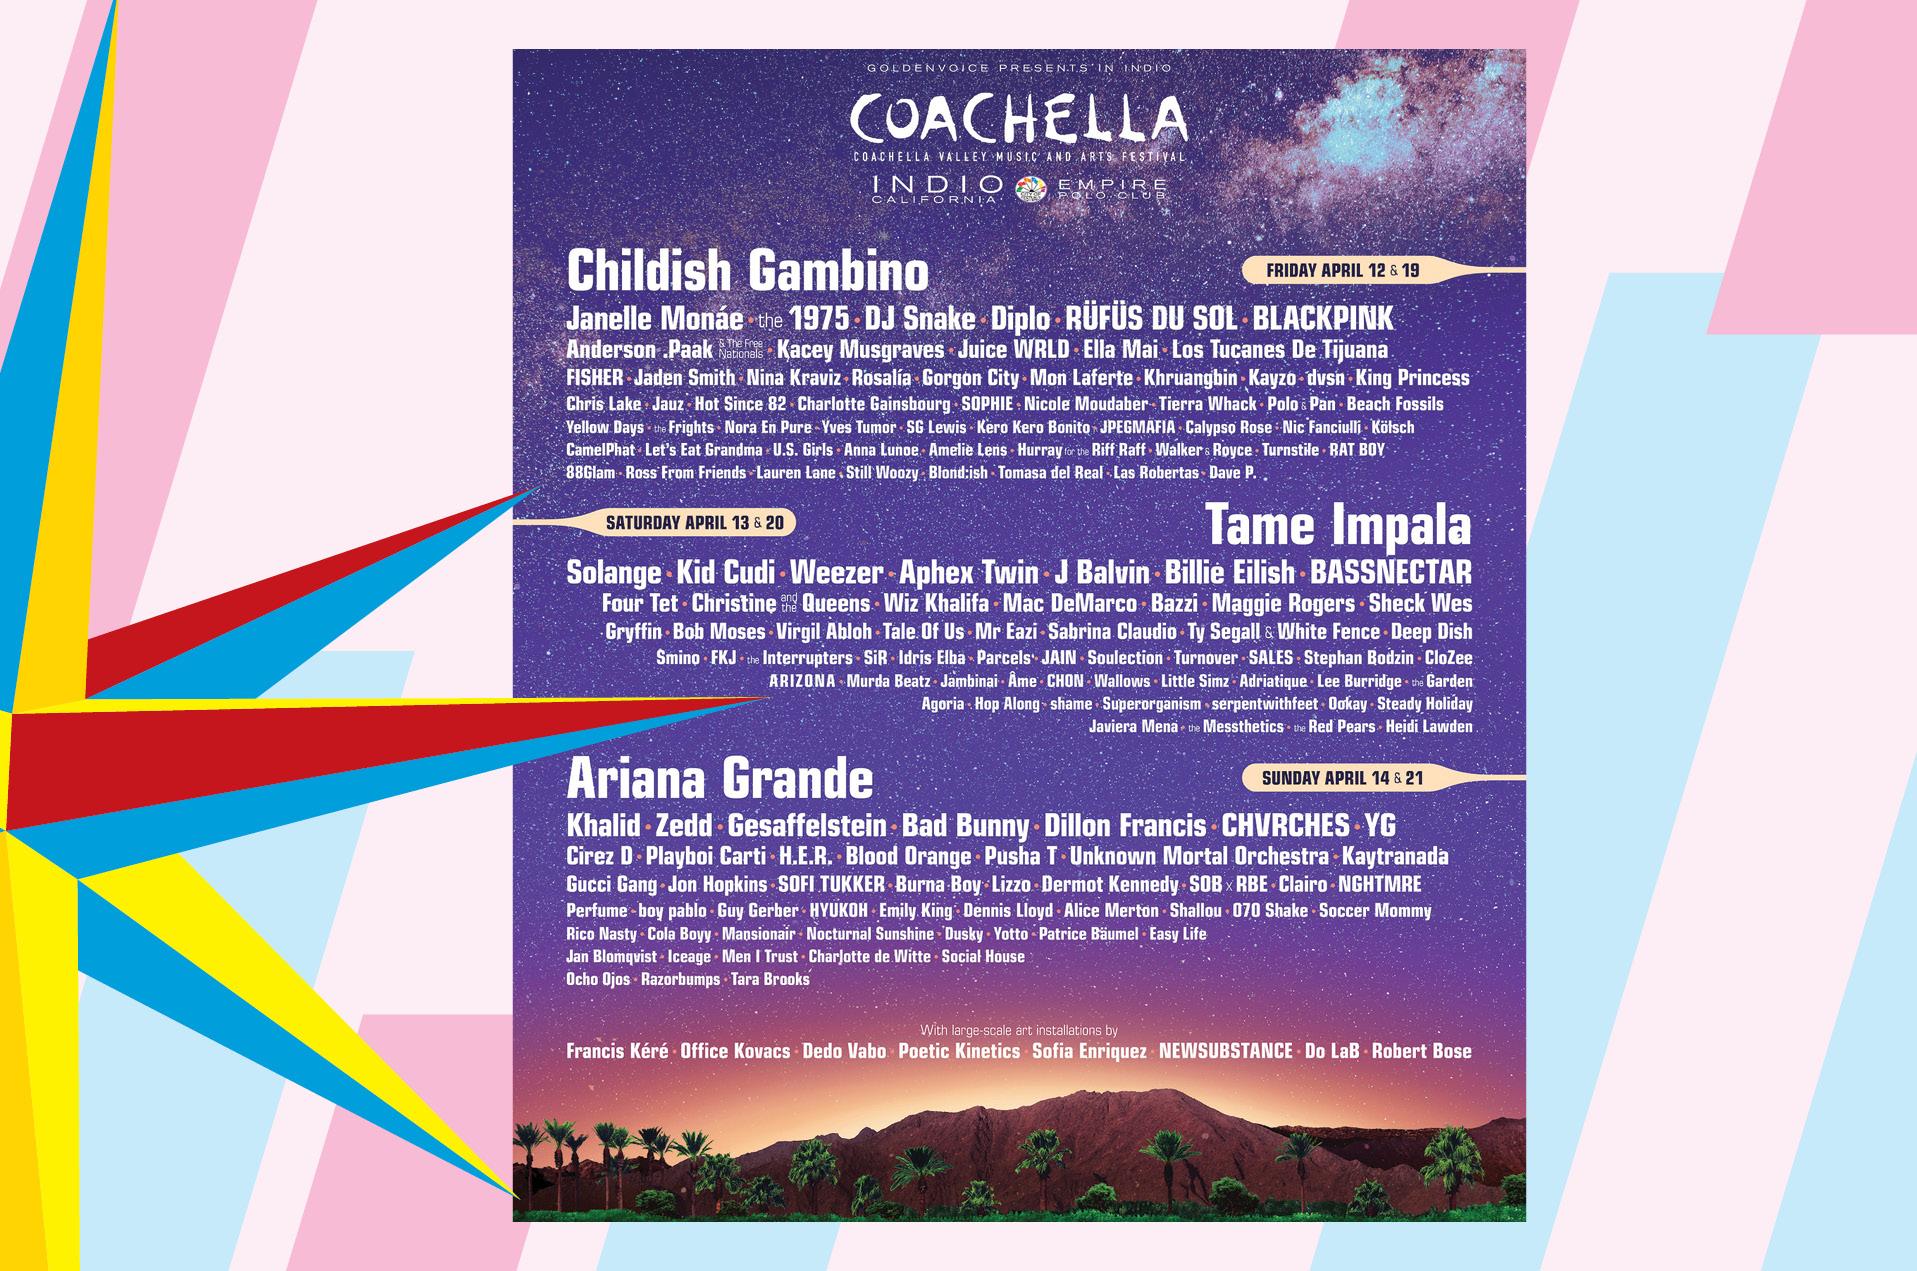 Todo listo para Coachella 2019